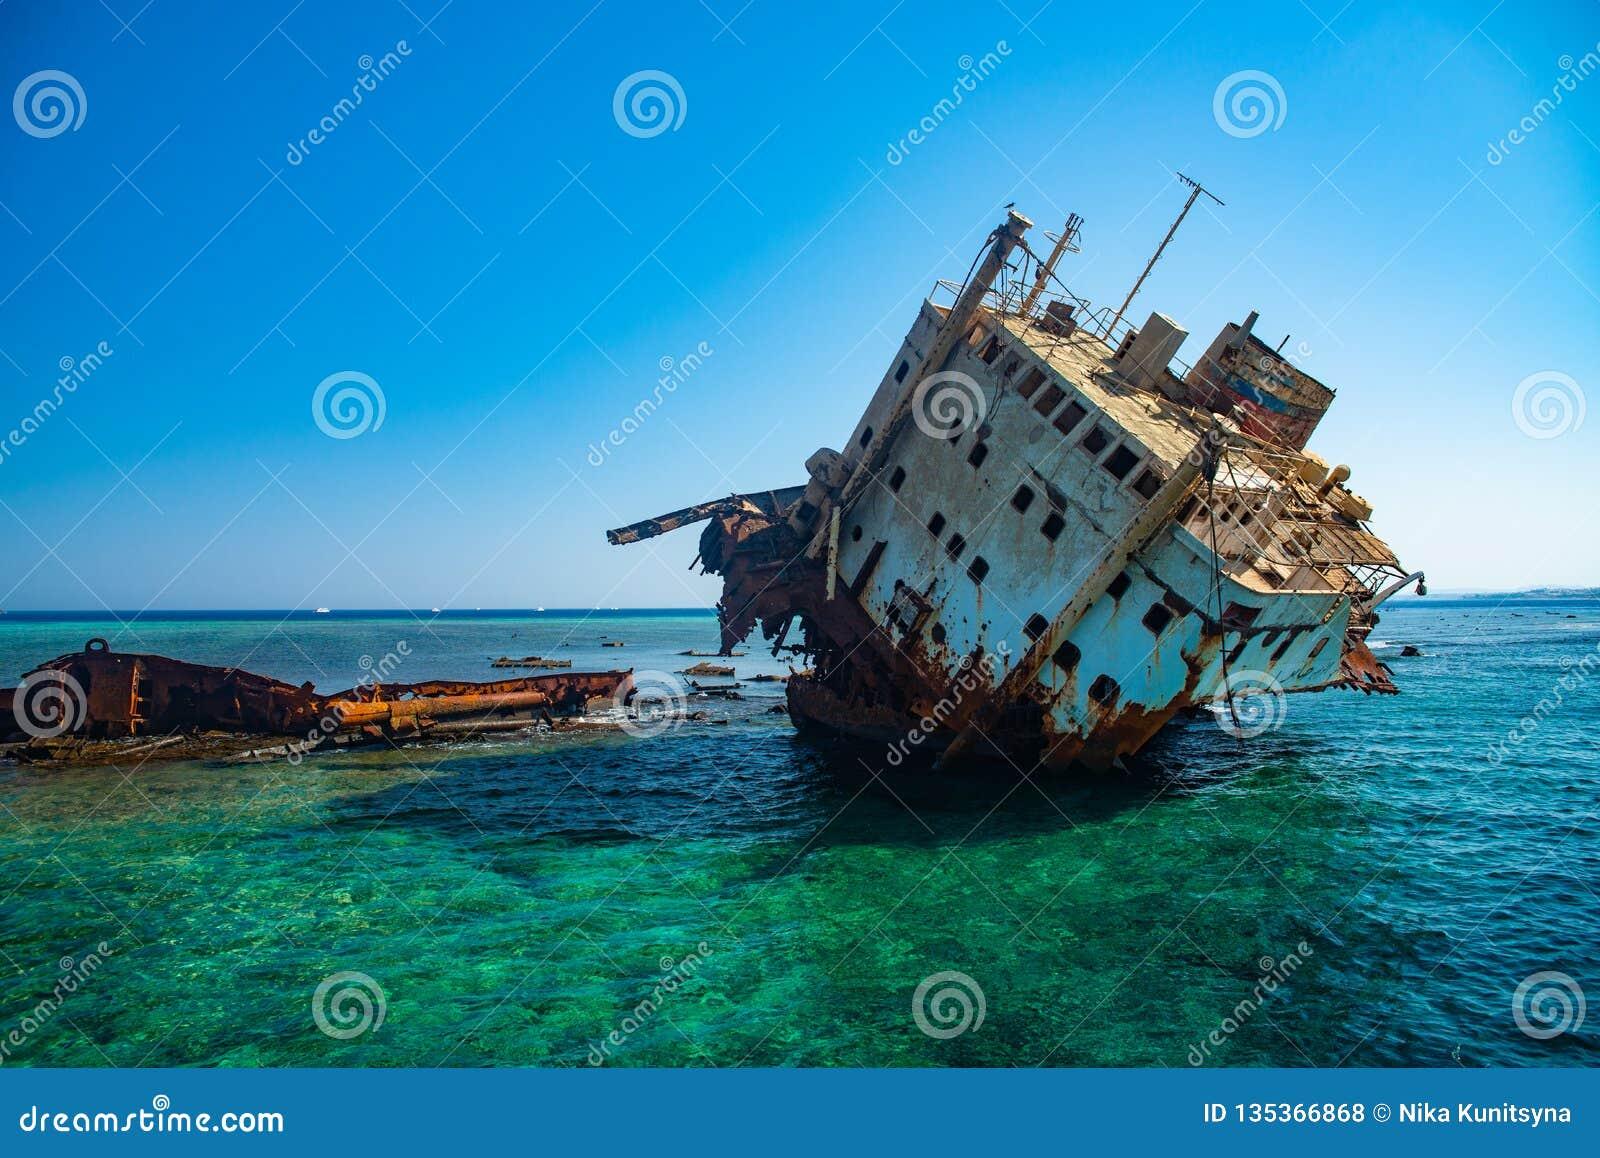 凹下去的船放弃了